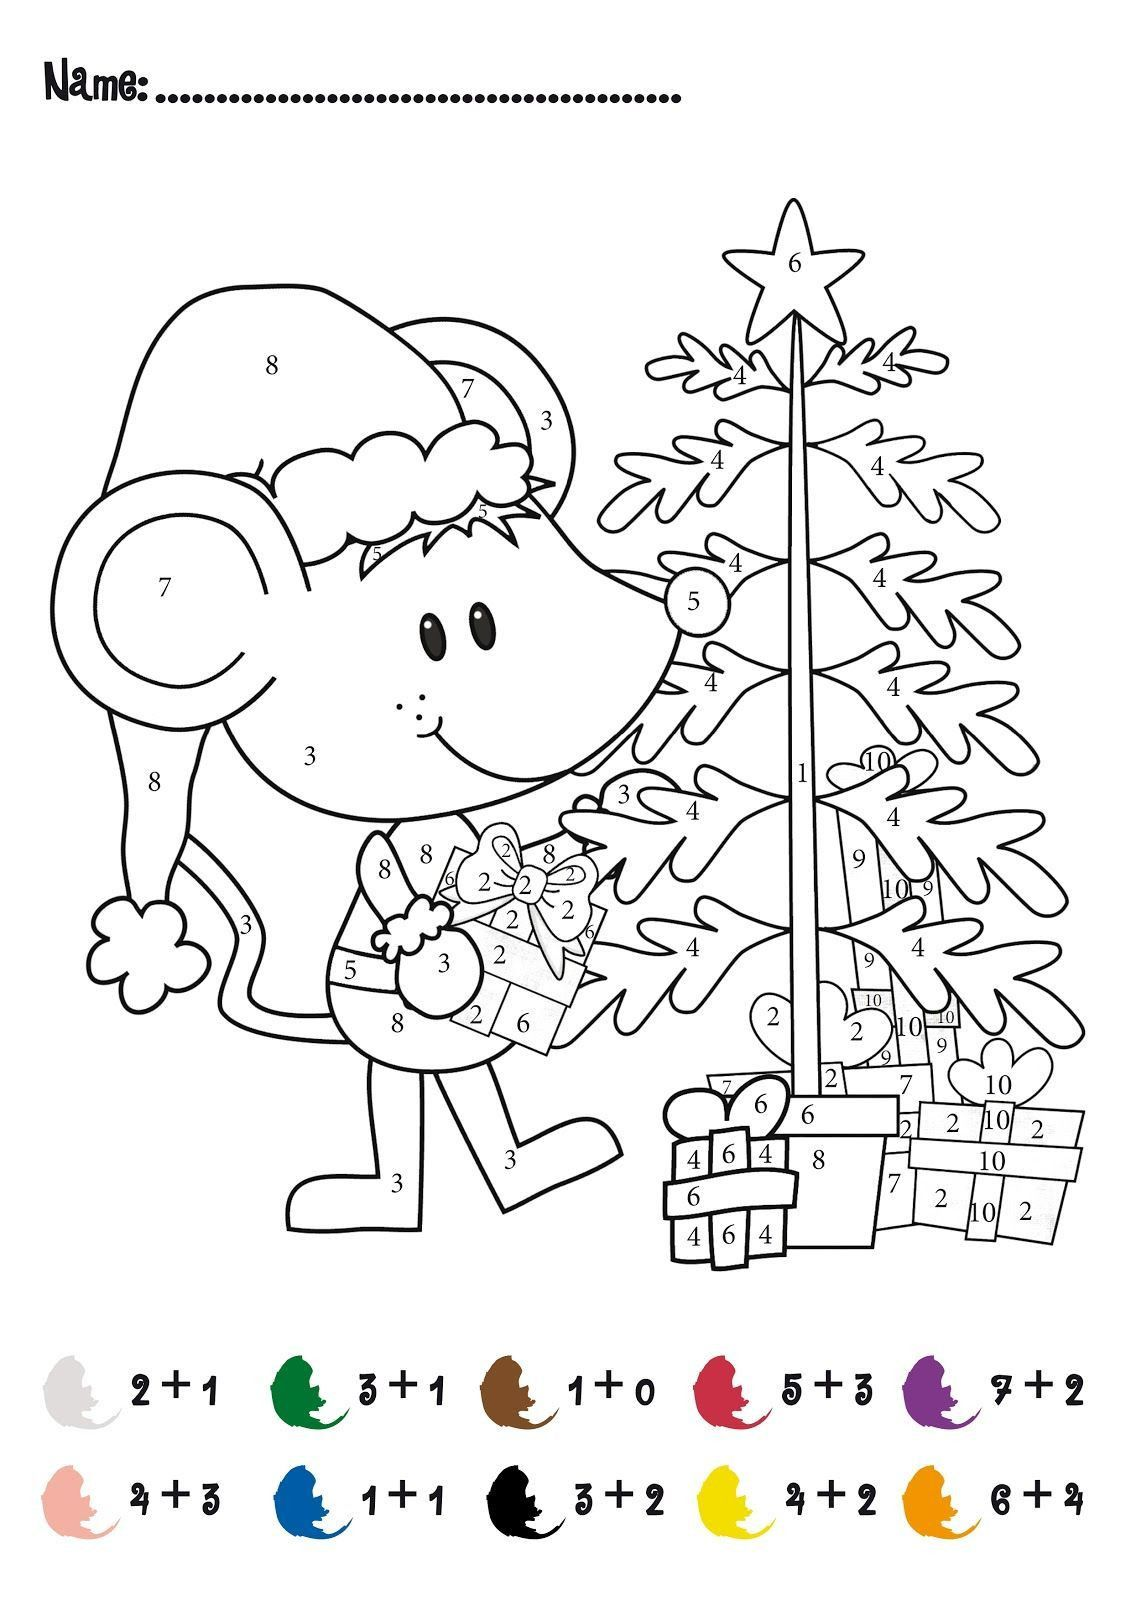 Christmas Math Printable Worksheets Pin On Coloring Page Christmas Math Worksheets Math Coloring Worksheets Christmas Worksheets